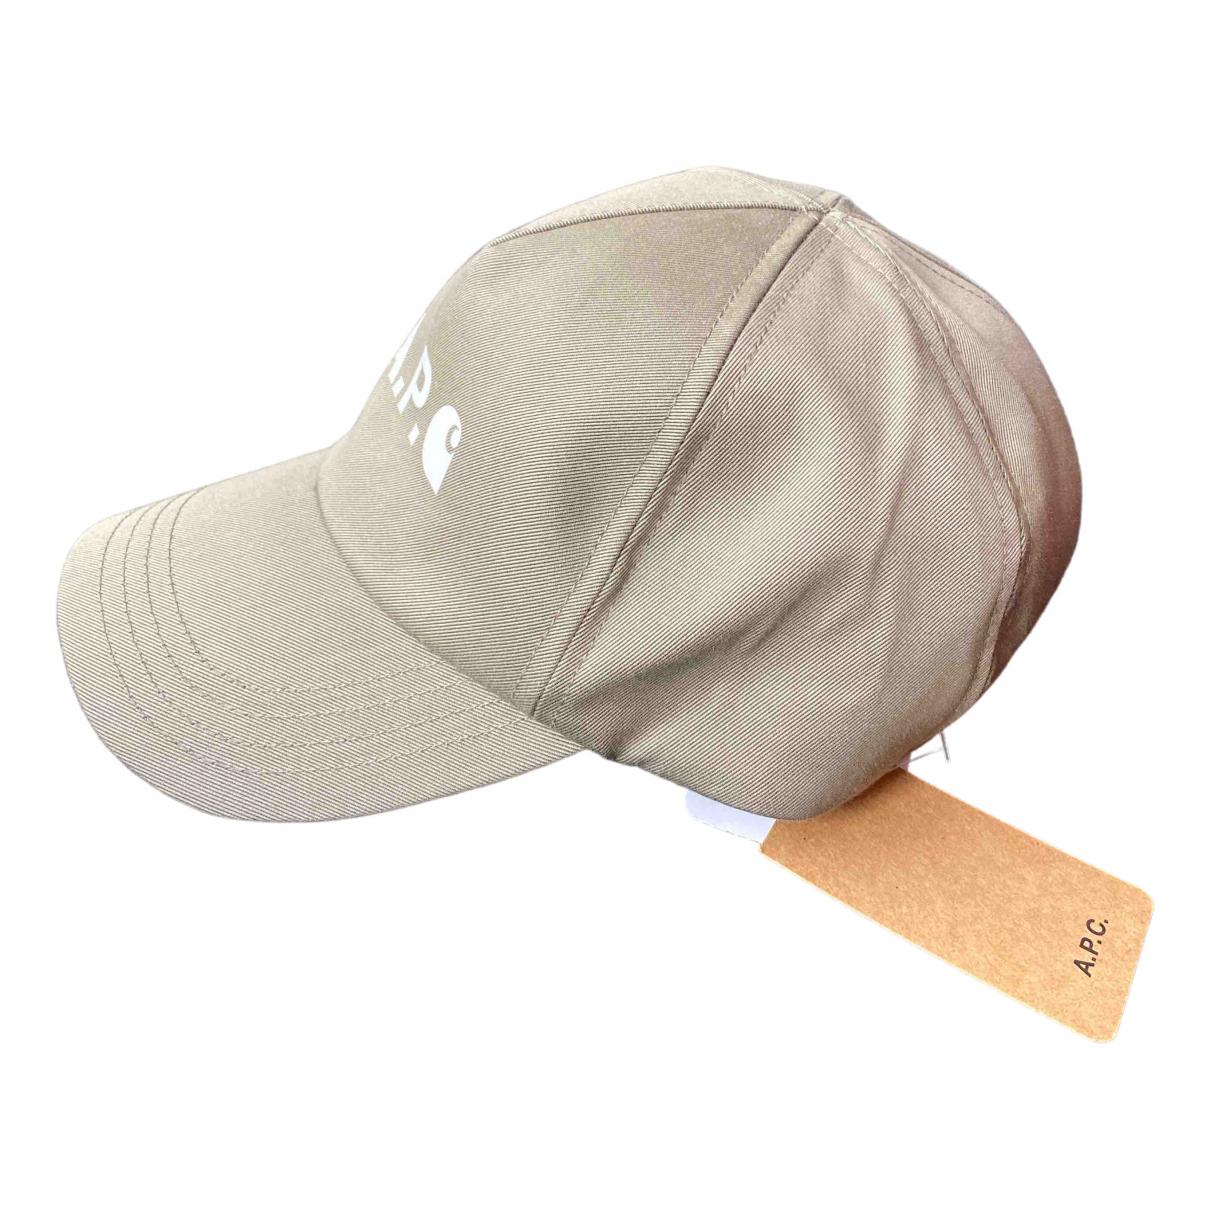 Sombrero / gorro de Lona Apc